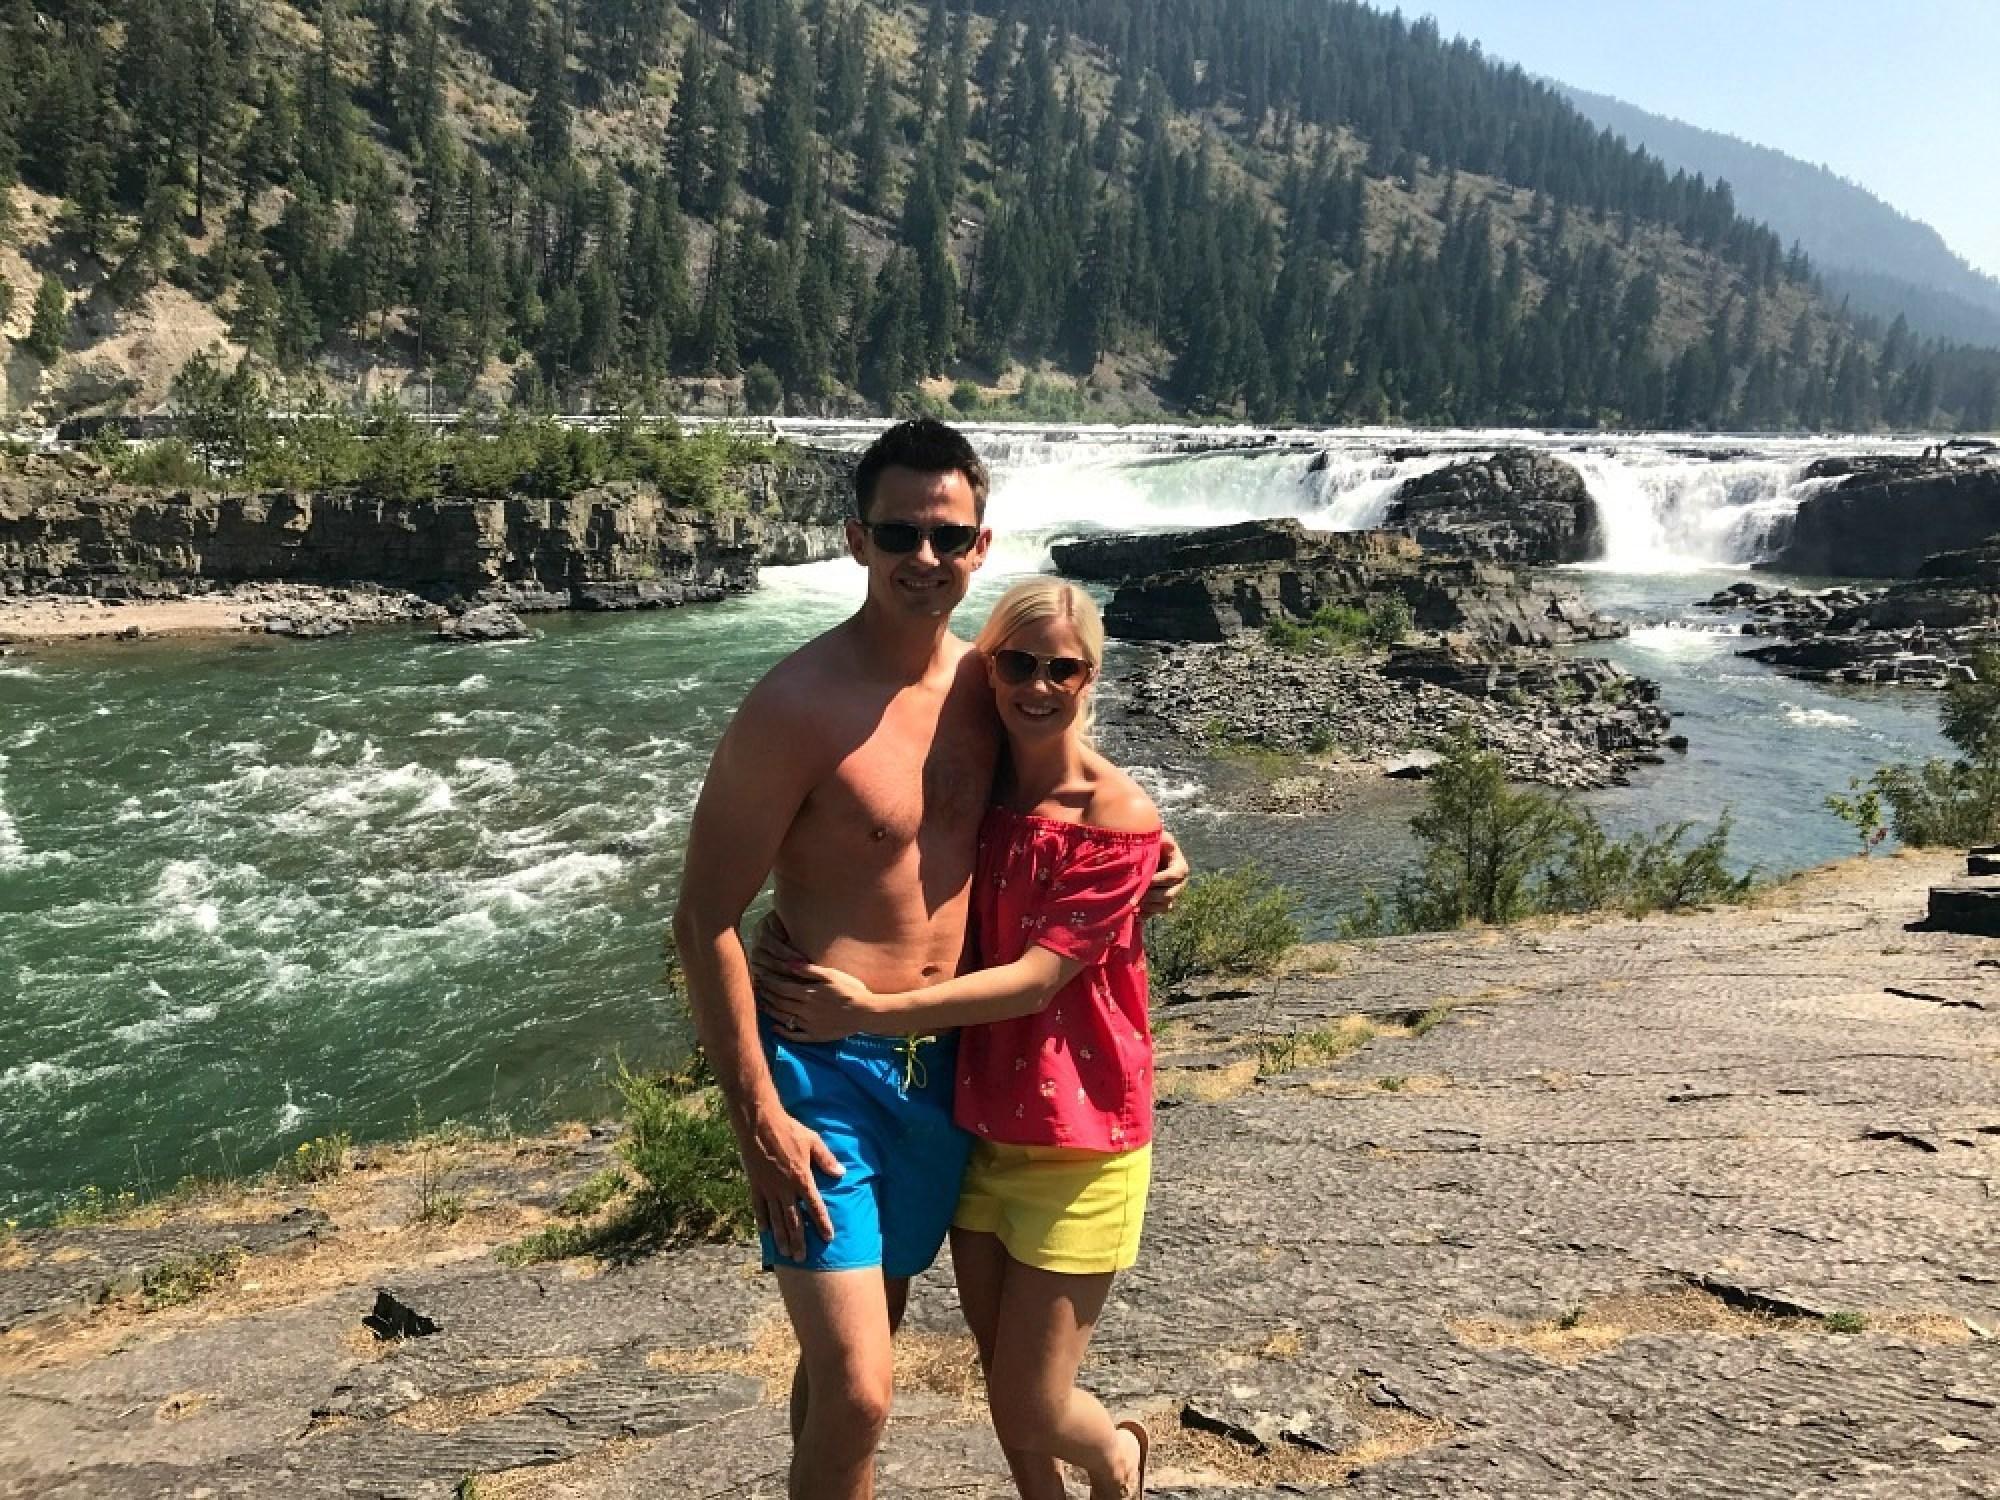 Kootenai Falls and Whitefish Montana weekend road trip America